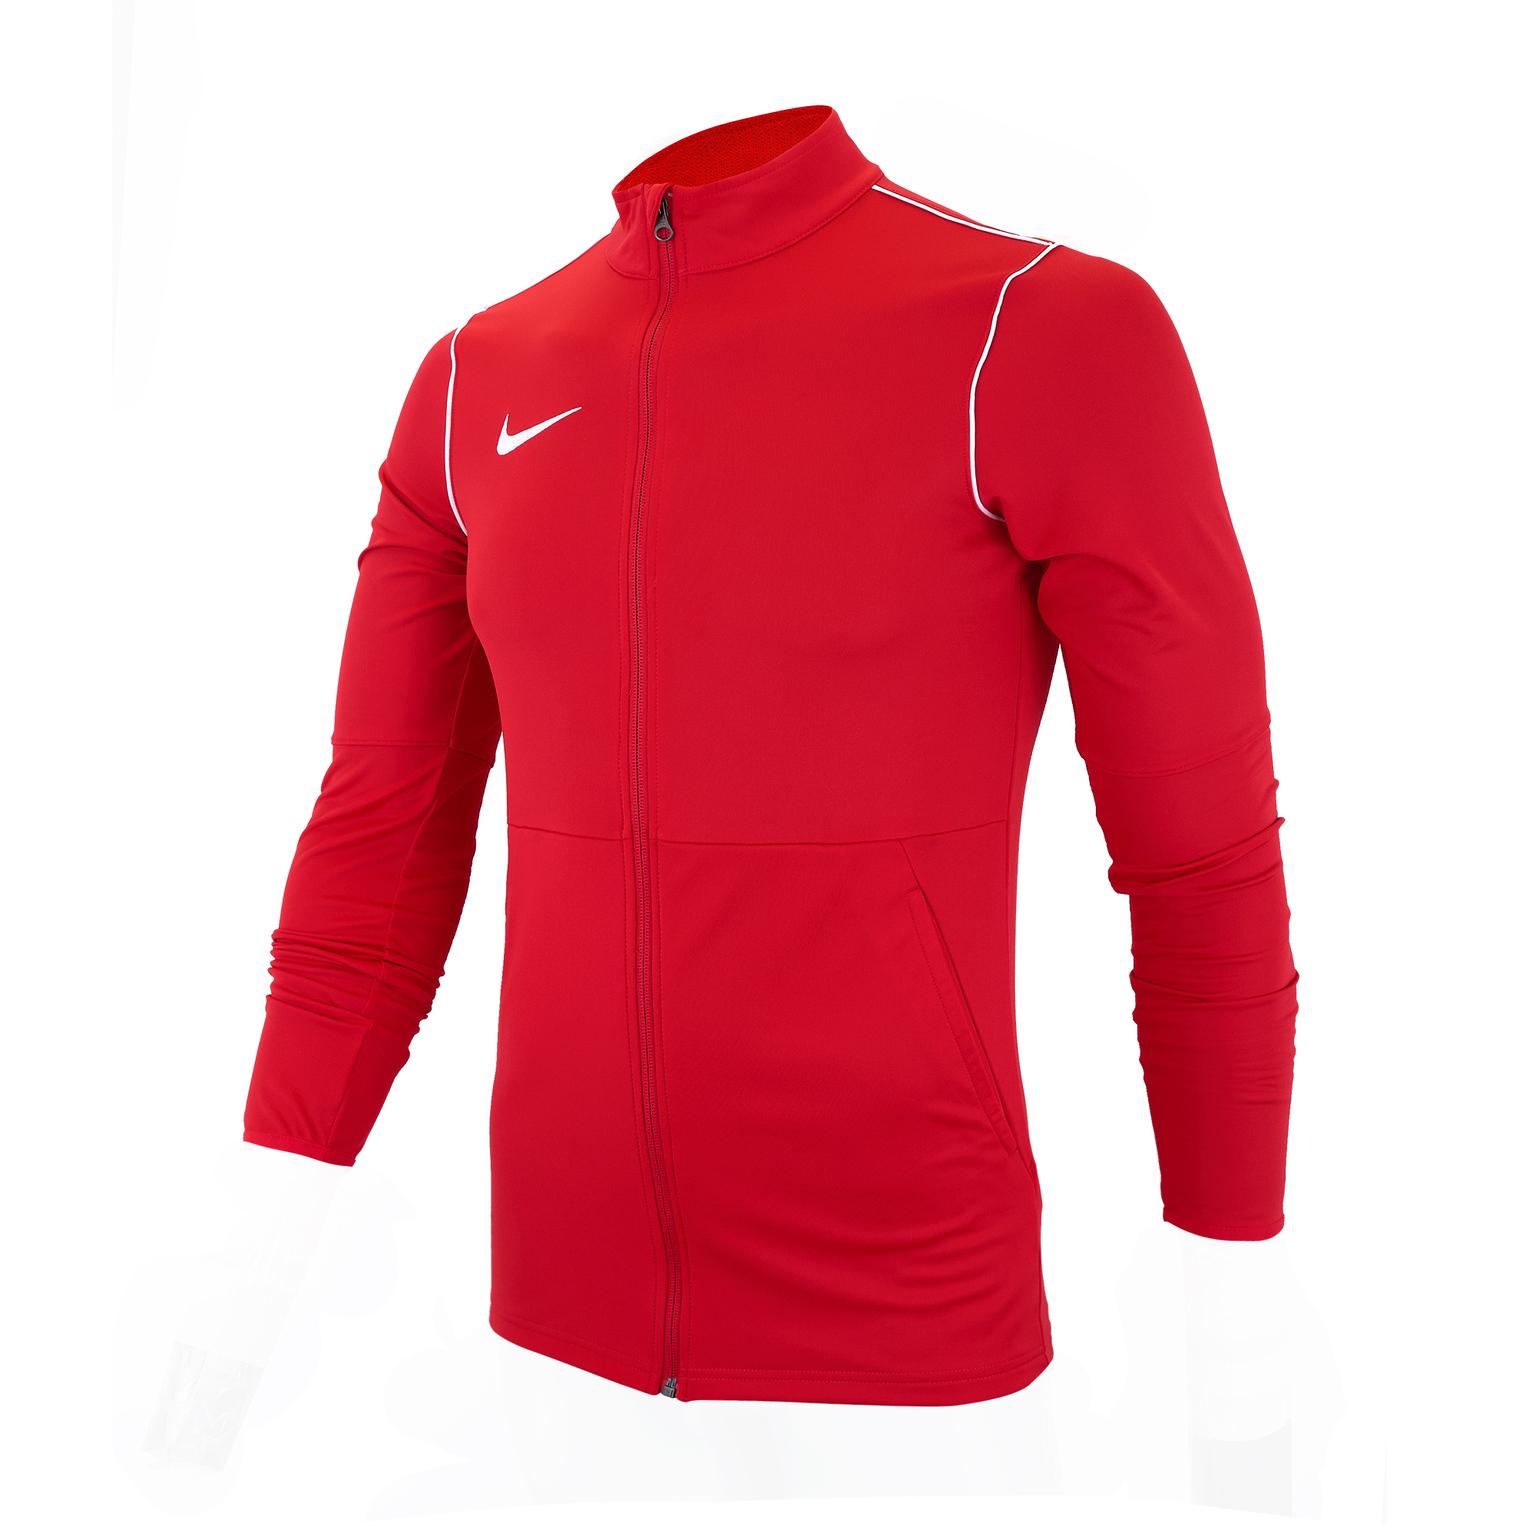 Олимпийка Nike Dry Park20 BV6885-657 цена и фото